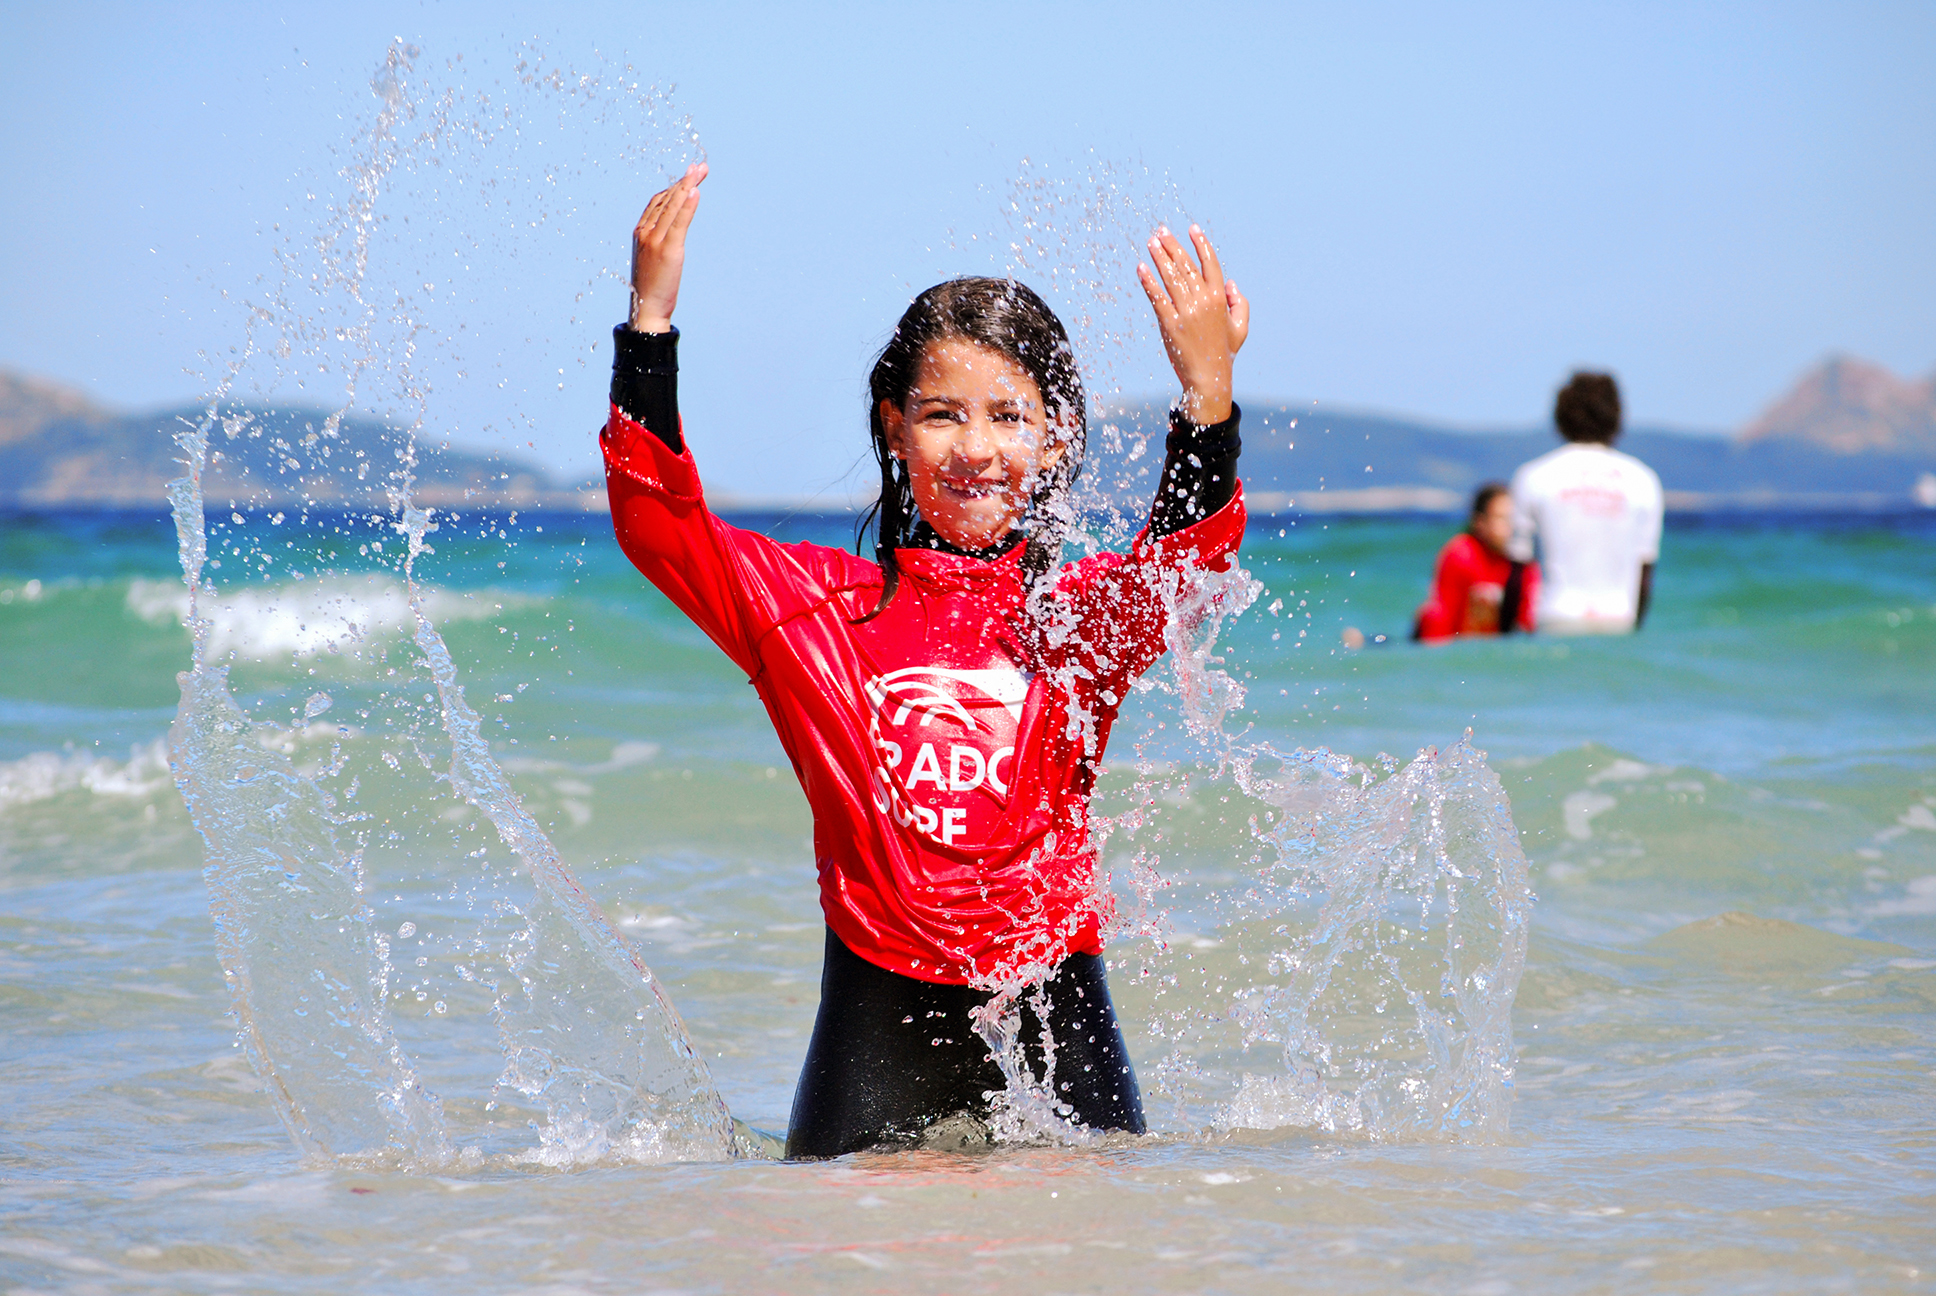 prado surf escuelas nigran